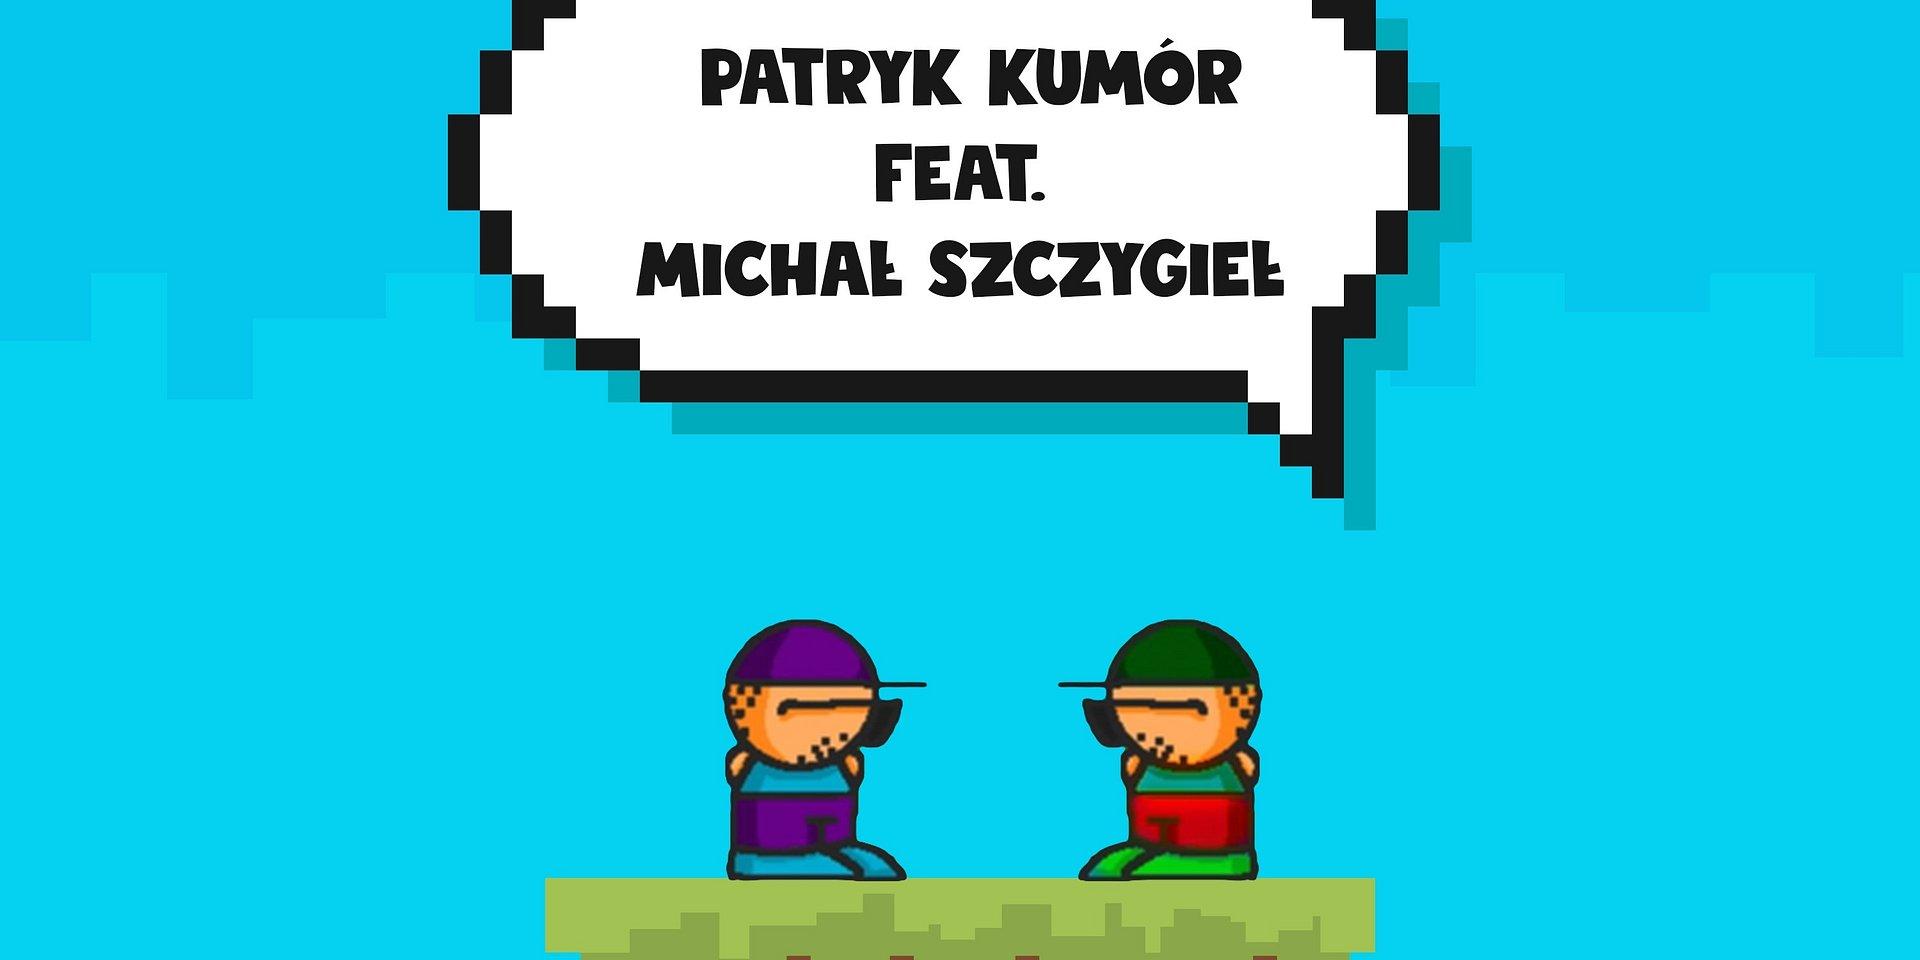 Patryk Kumór potwierdza – duet z Michałem Szczygłem już w przyszłym tygodniu!